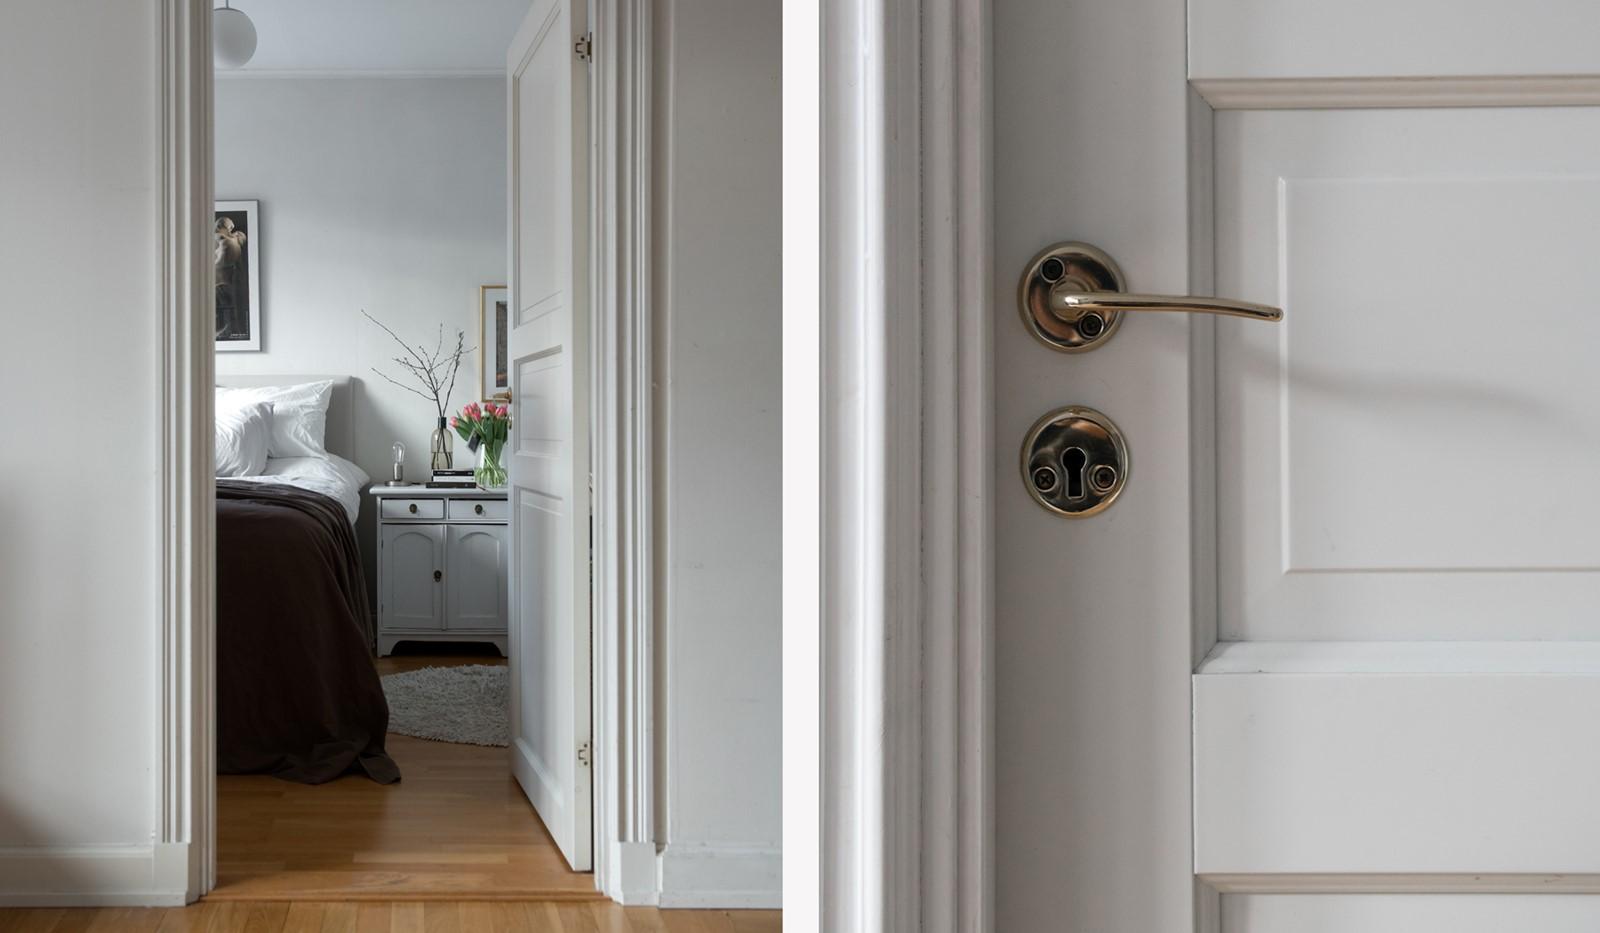 Östgötagatan 32, 4tr - Vackra detaljer så som speglade dörrar